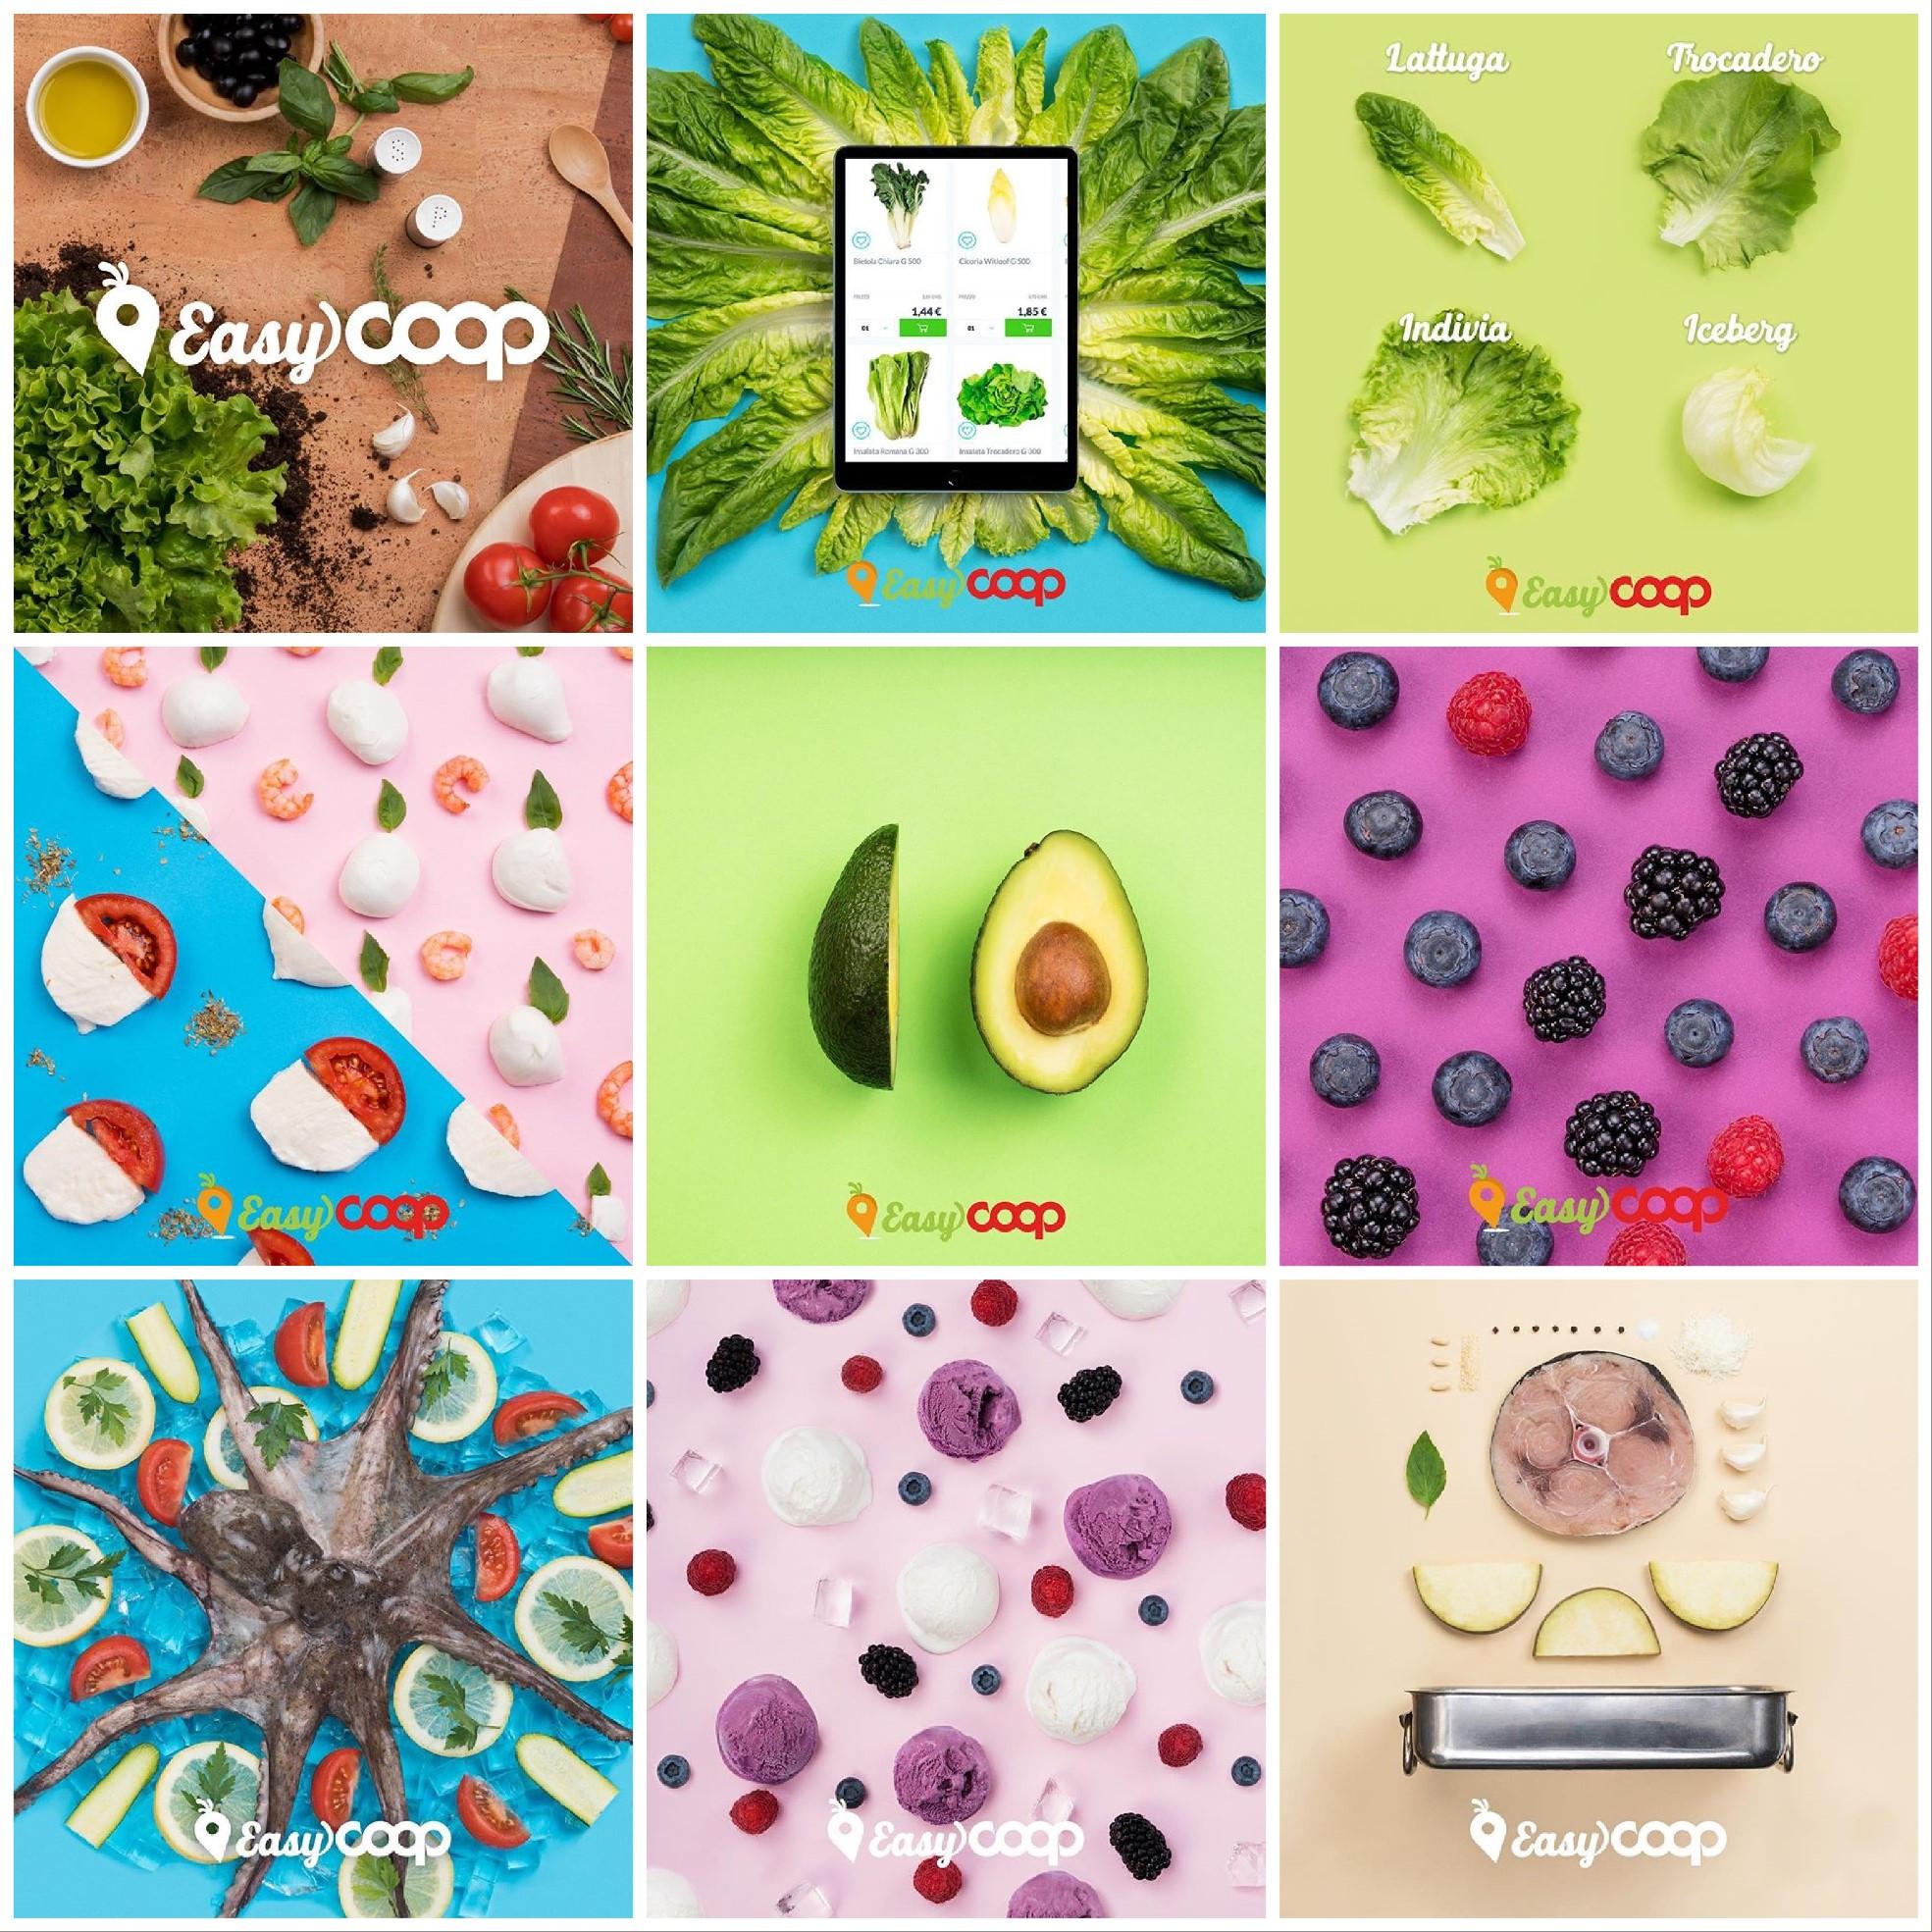 Se state pianificando le vostre attivita' social e digital, date un occhio al nostro content marketing